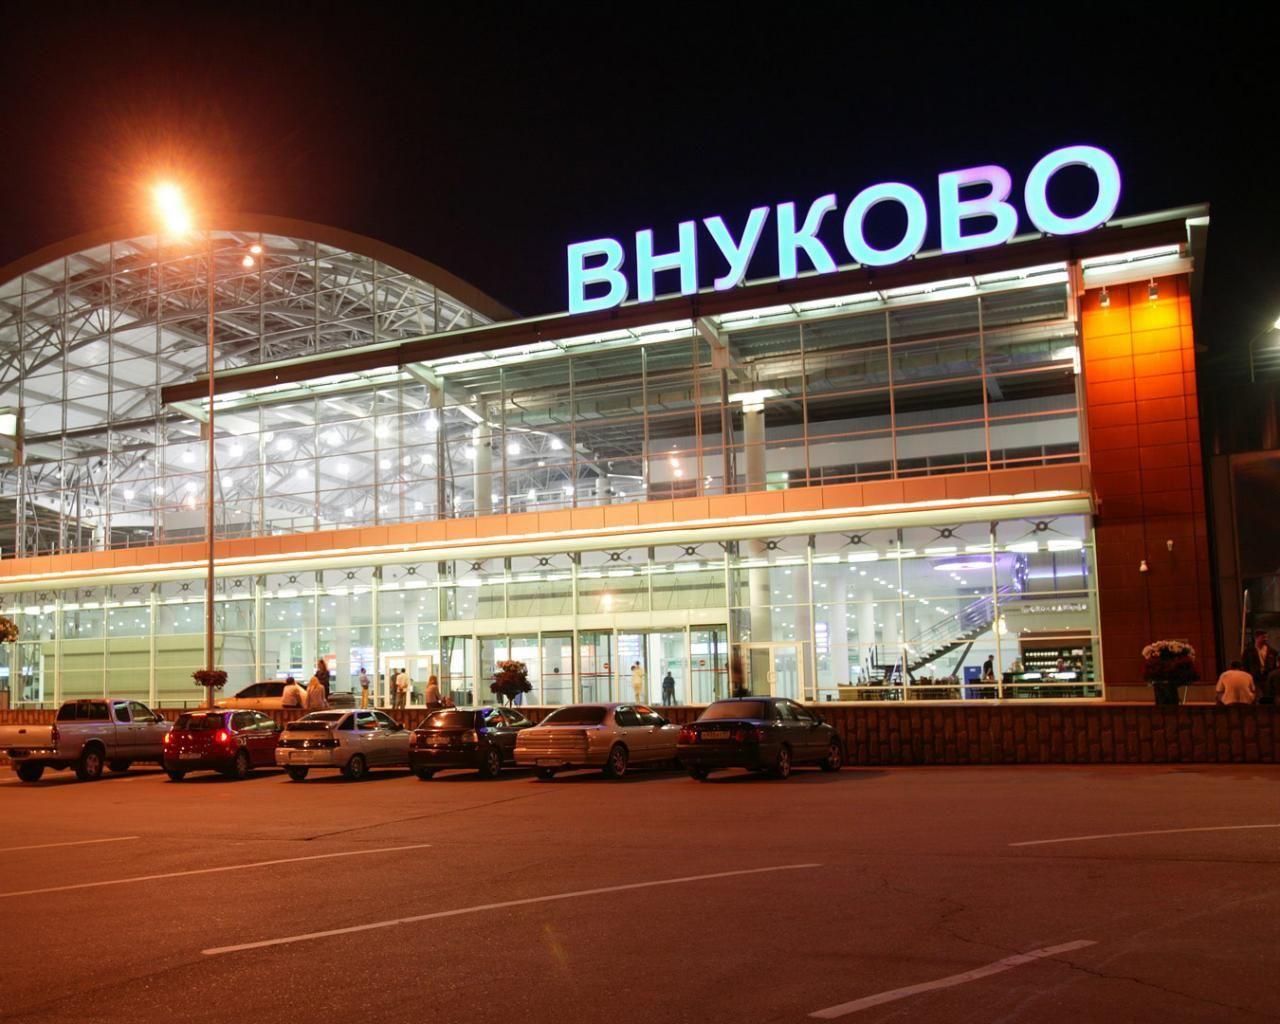 Airport Vnukovo Http Jamaero Com Airports Airport Vnukovo Moscow Russian Federation Sheremetyevo International Airport Airport World